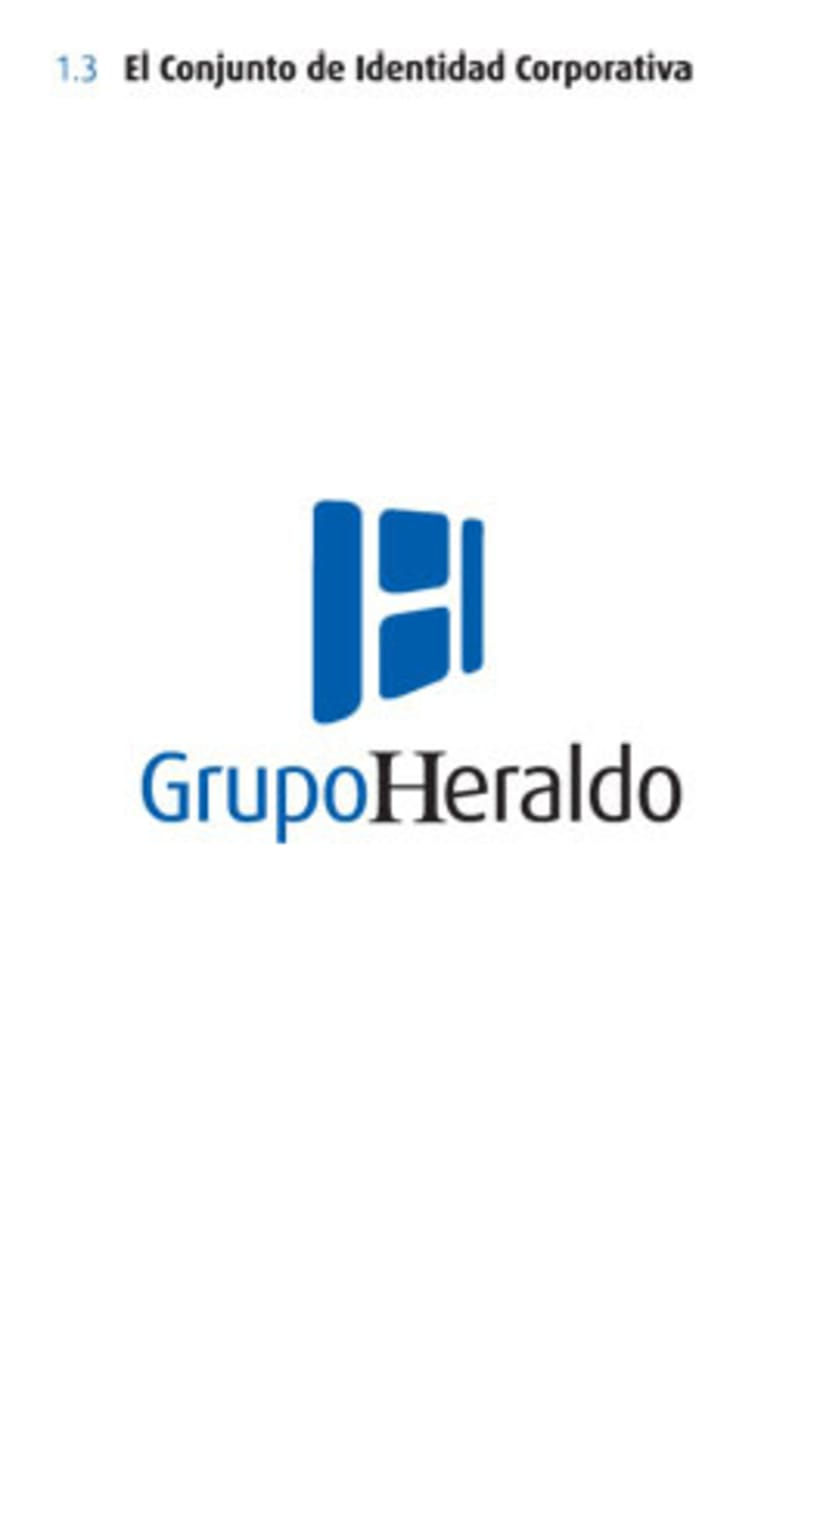 Grupo Heraldo de Aragón. Identidad corporativa 1